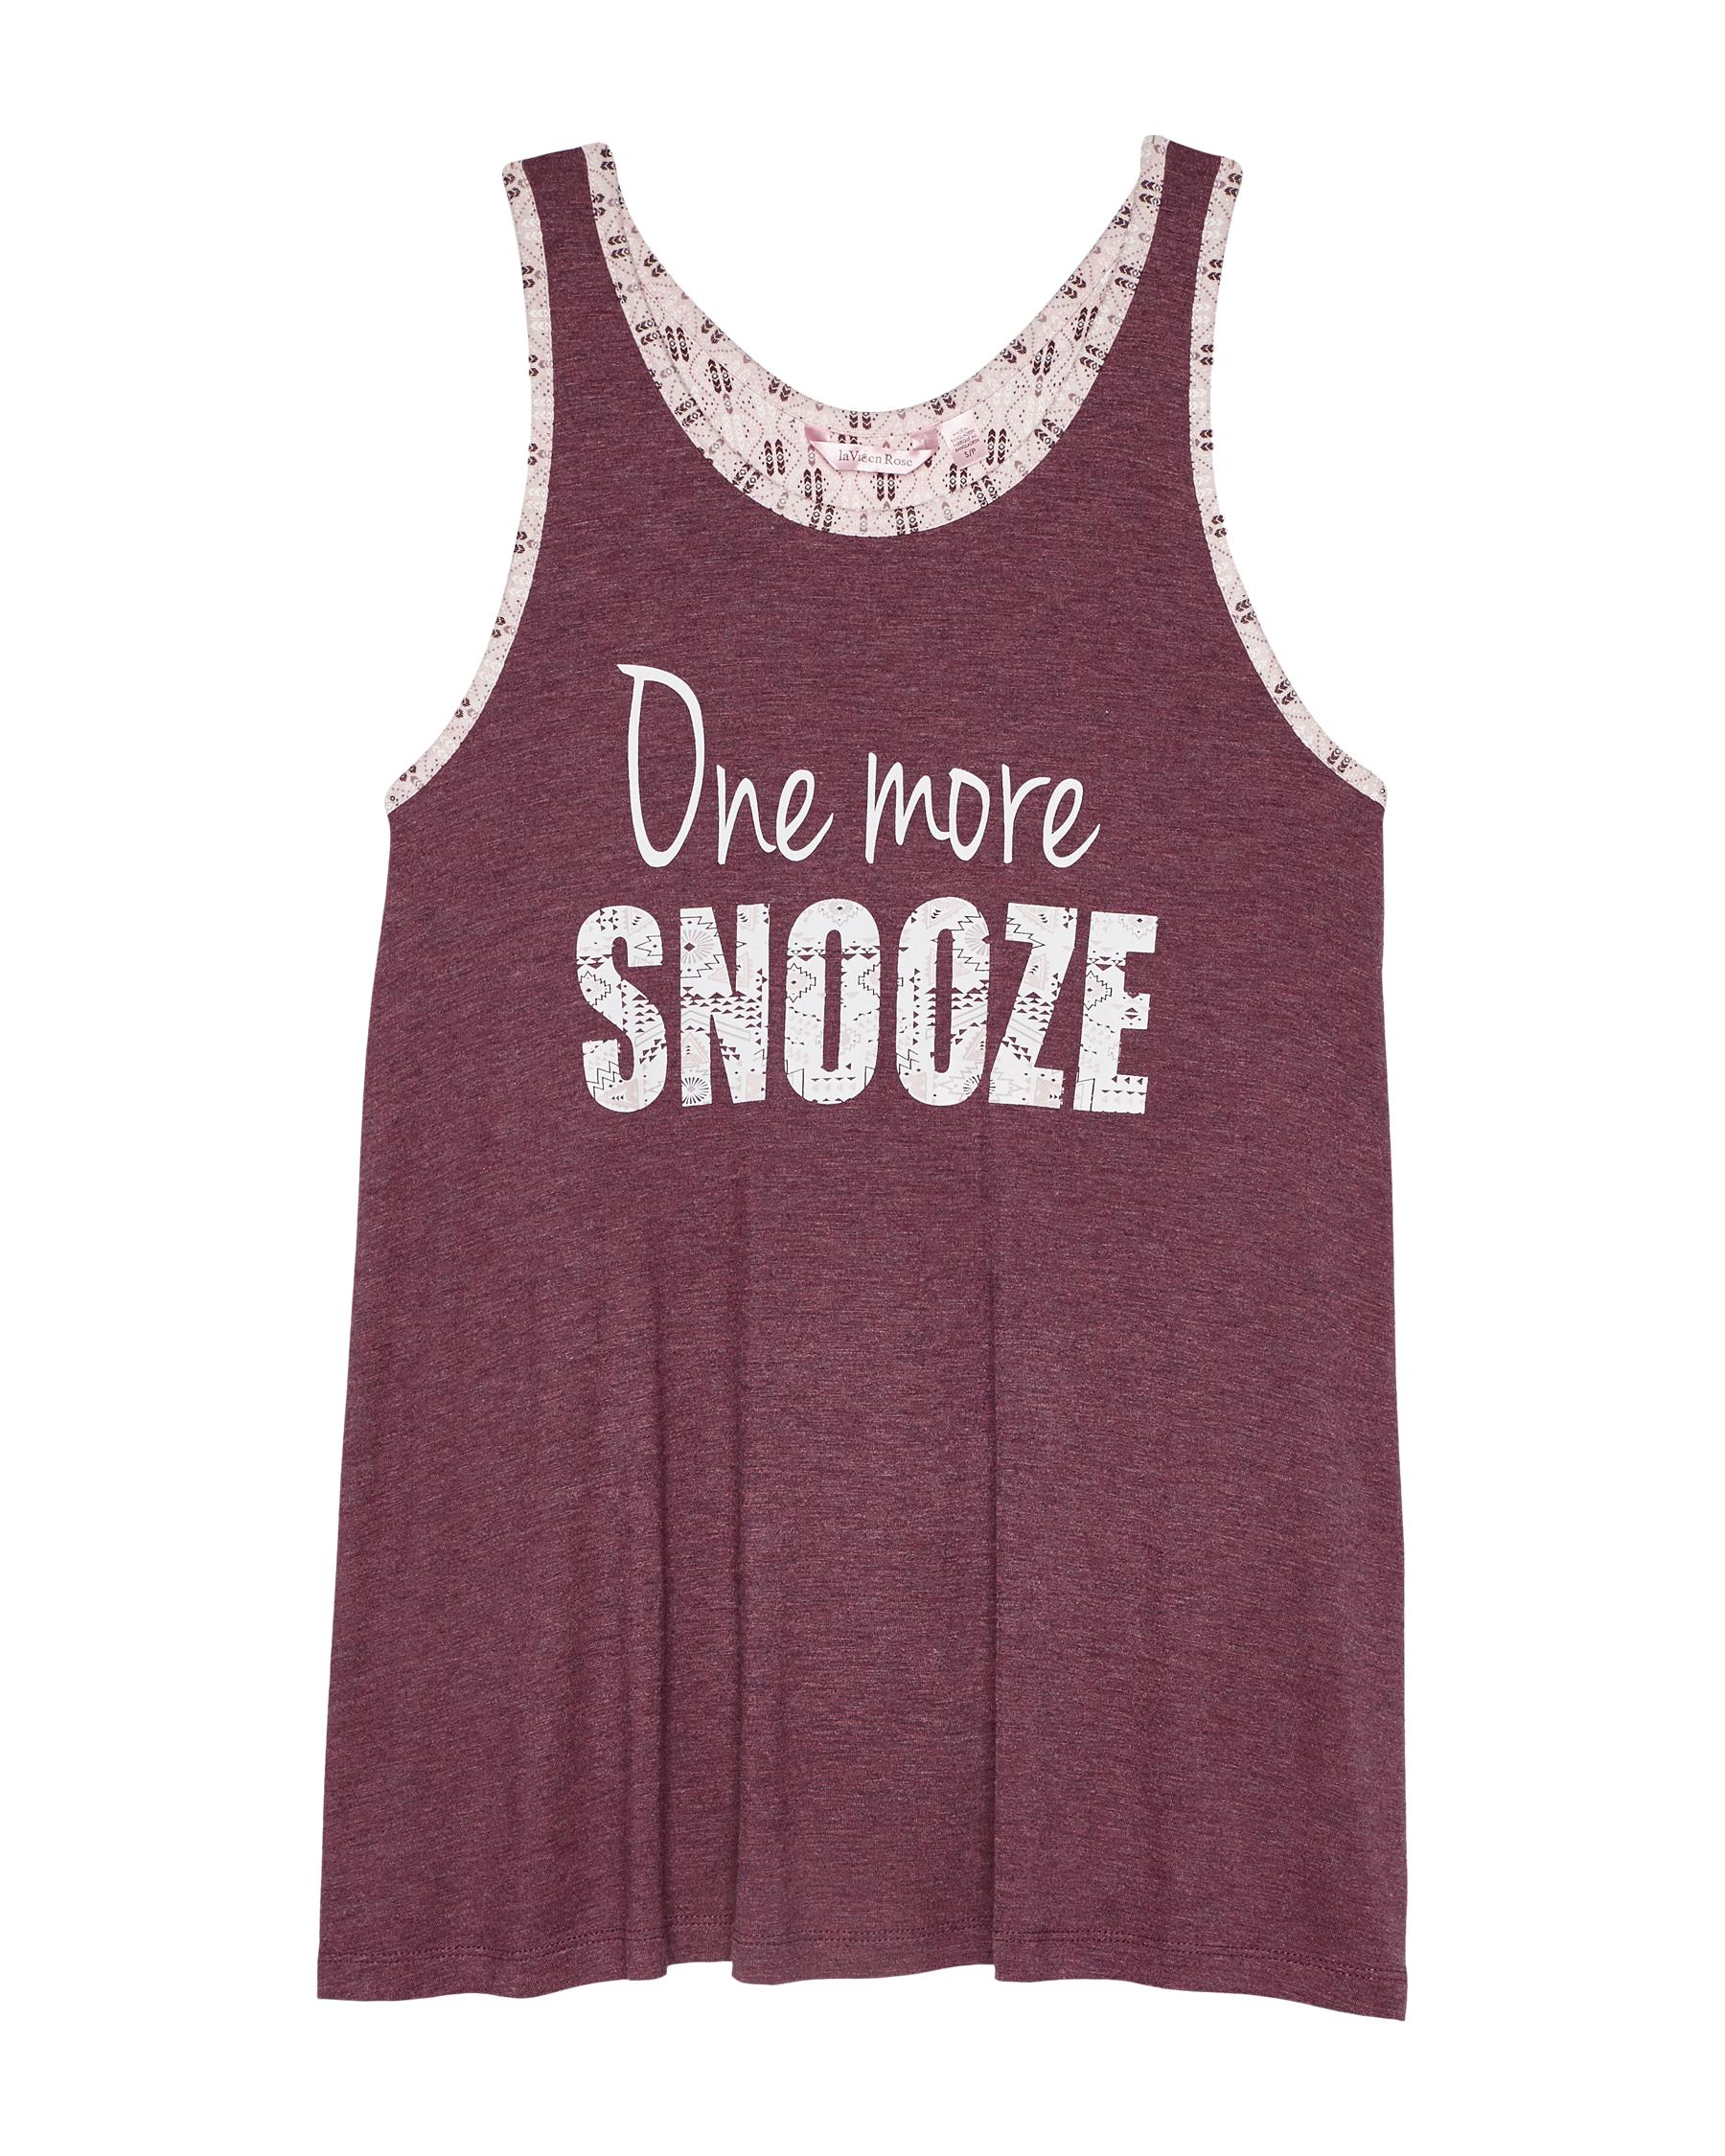 Chats, desserts et quotes motivantes pour dormir : voici les nouveaux pyjamas de La Vie en Rose